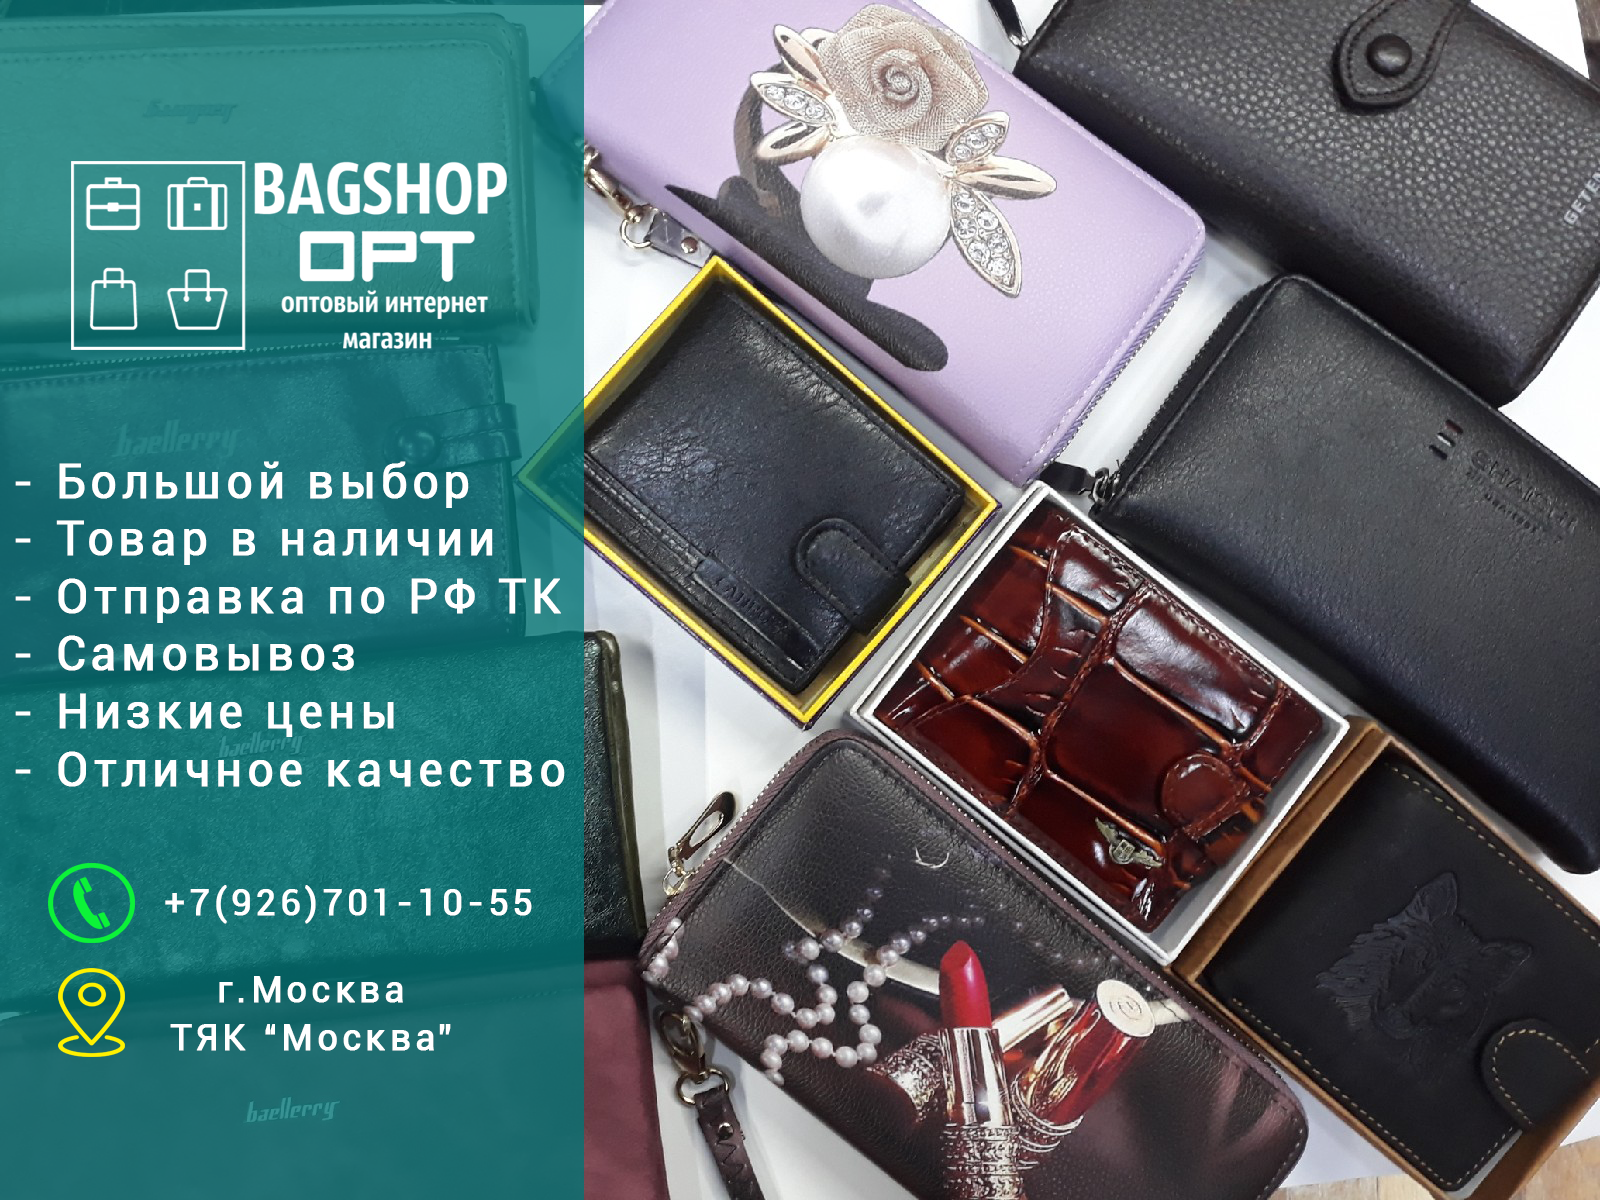 60b1a25816f9 Bagshop OPT - кожгалантерея оптом. Оптовый поставщик. Одежда, обувь ...